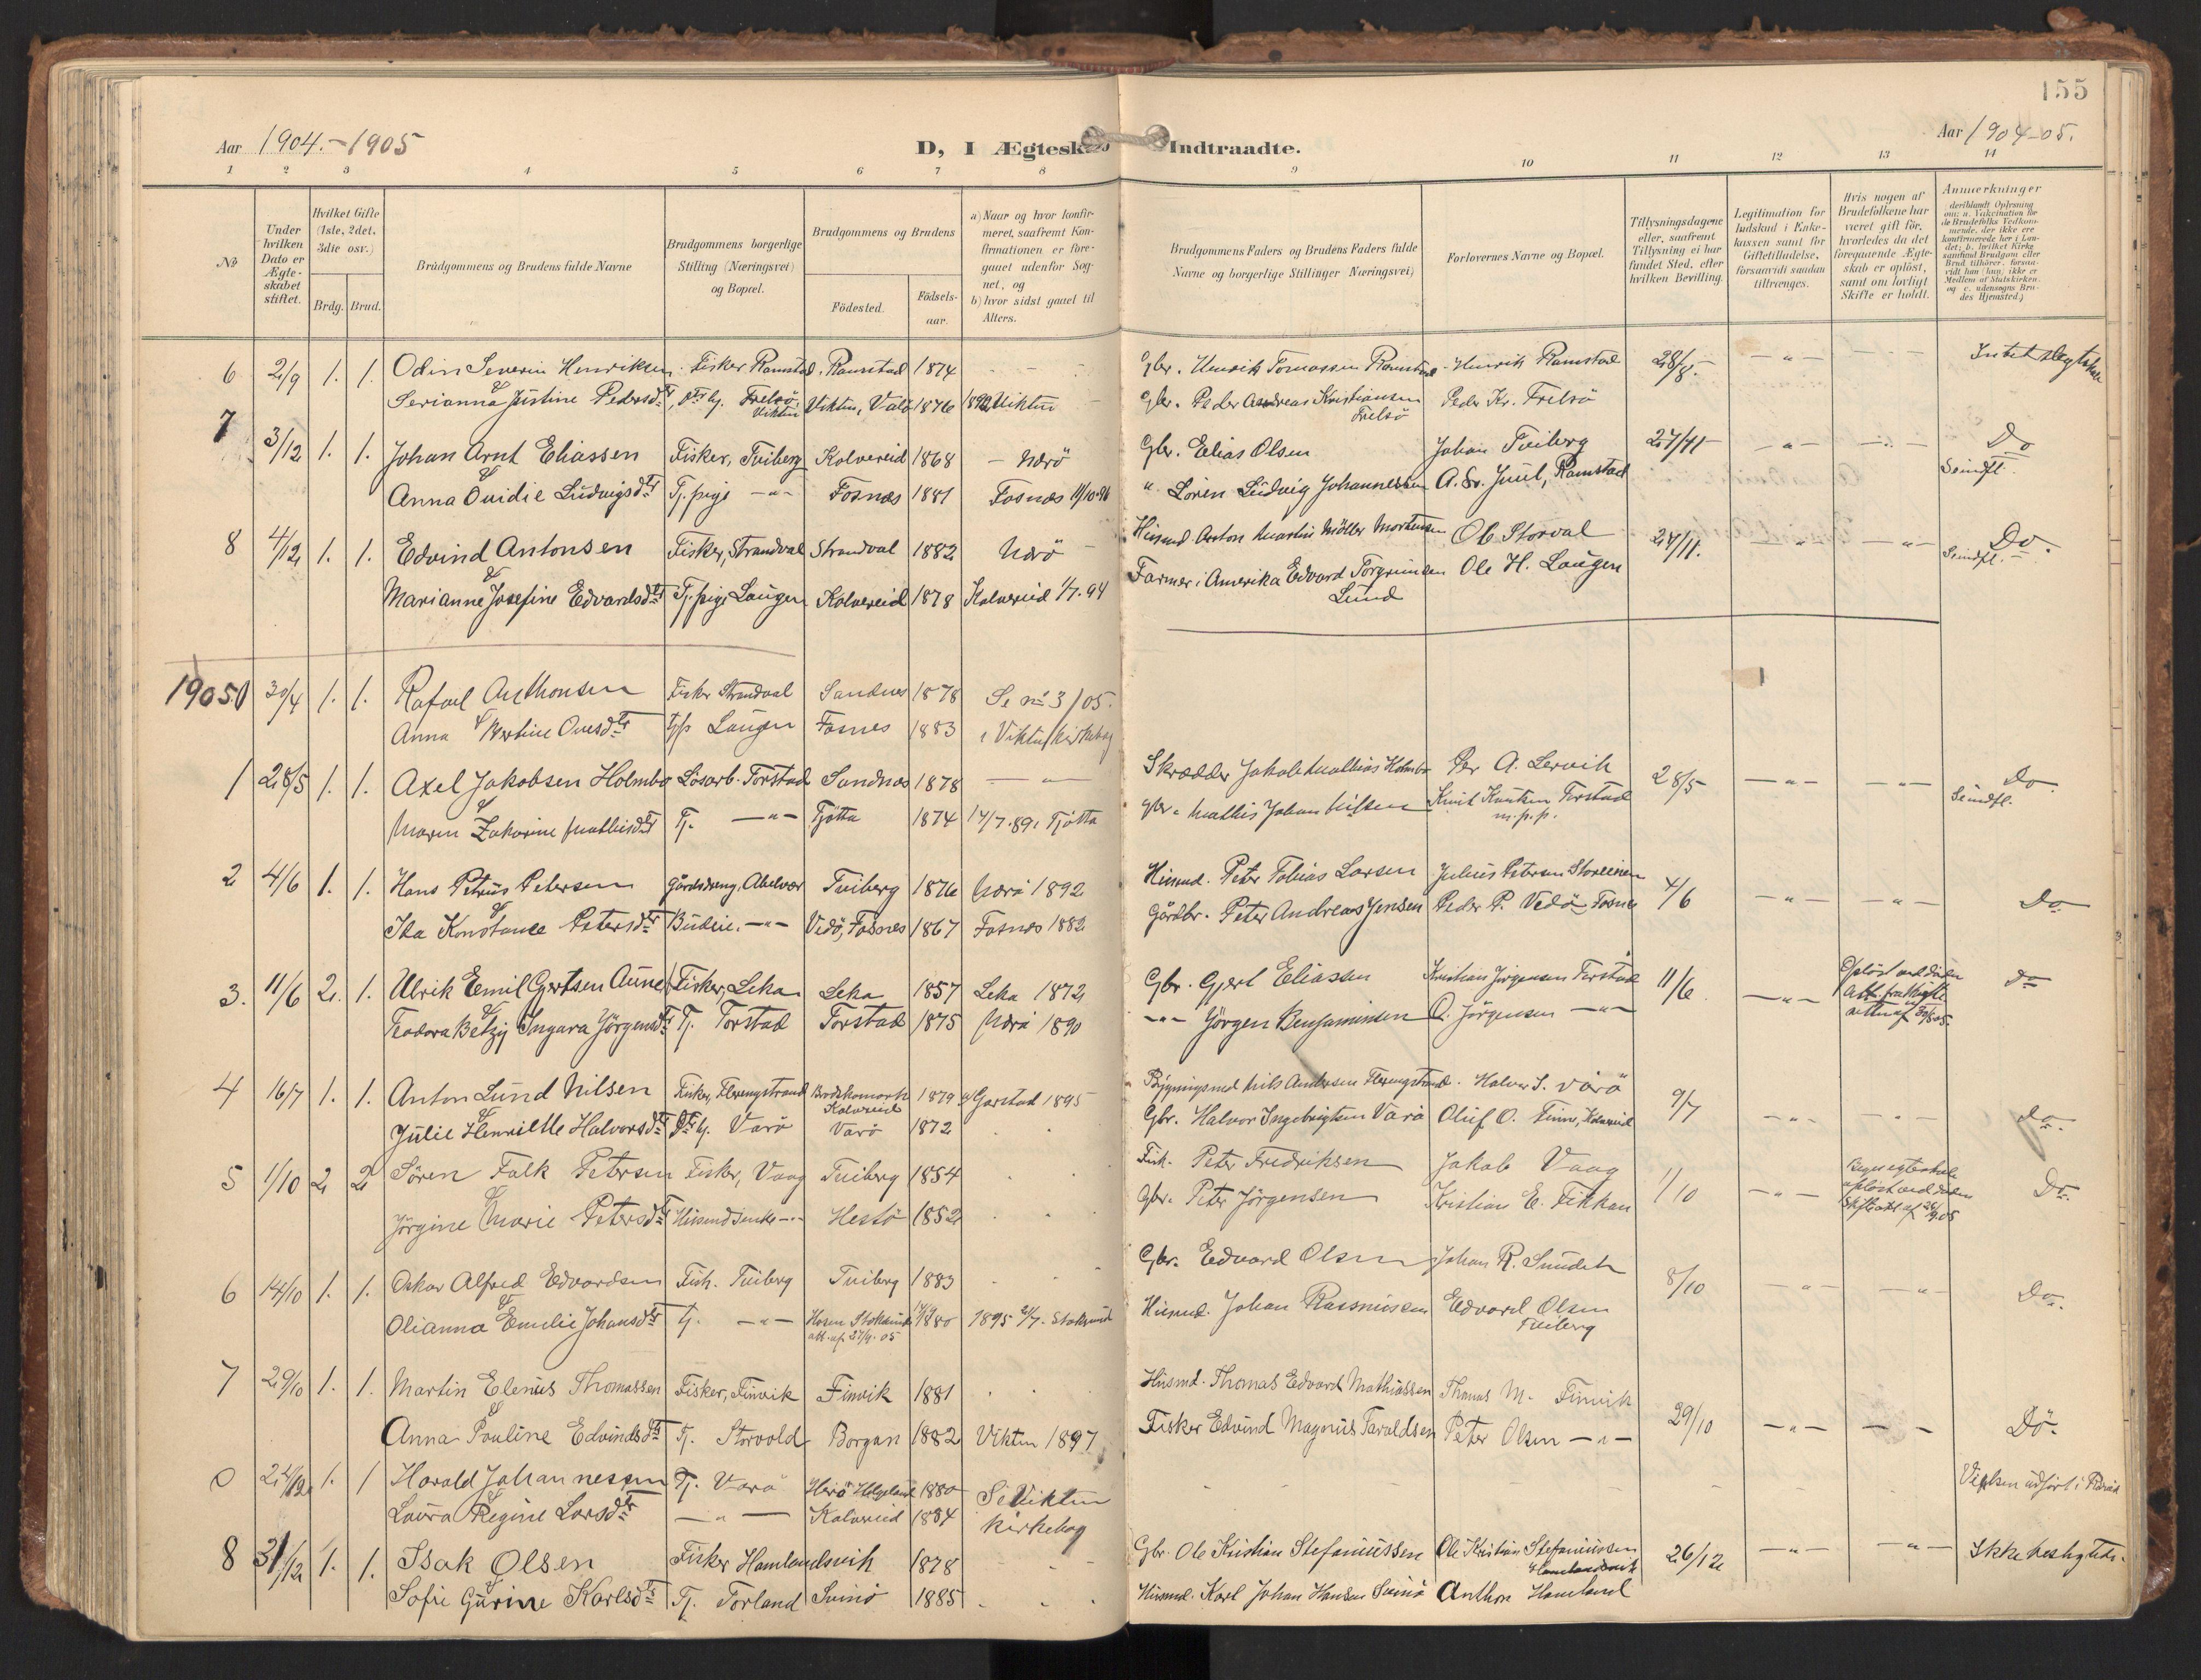 SAT, Ministerialprotokoller, klokkerbøker og fødselsregistre - Nord-Trøndelag, 784/L0677: Ministerialbok nr. 784A12, 1900-1920, s. 155